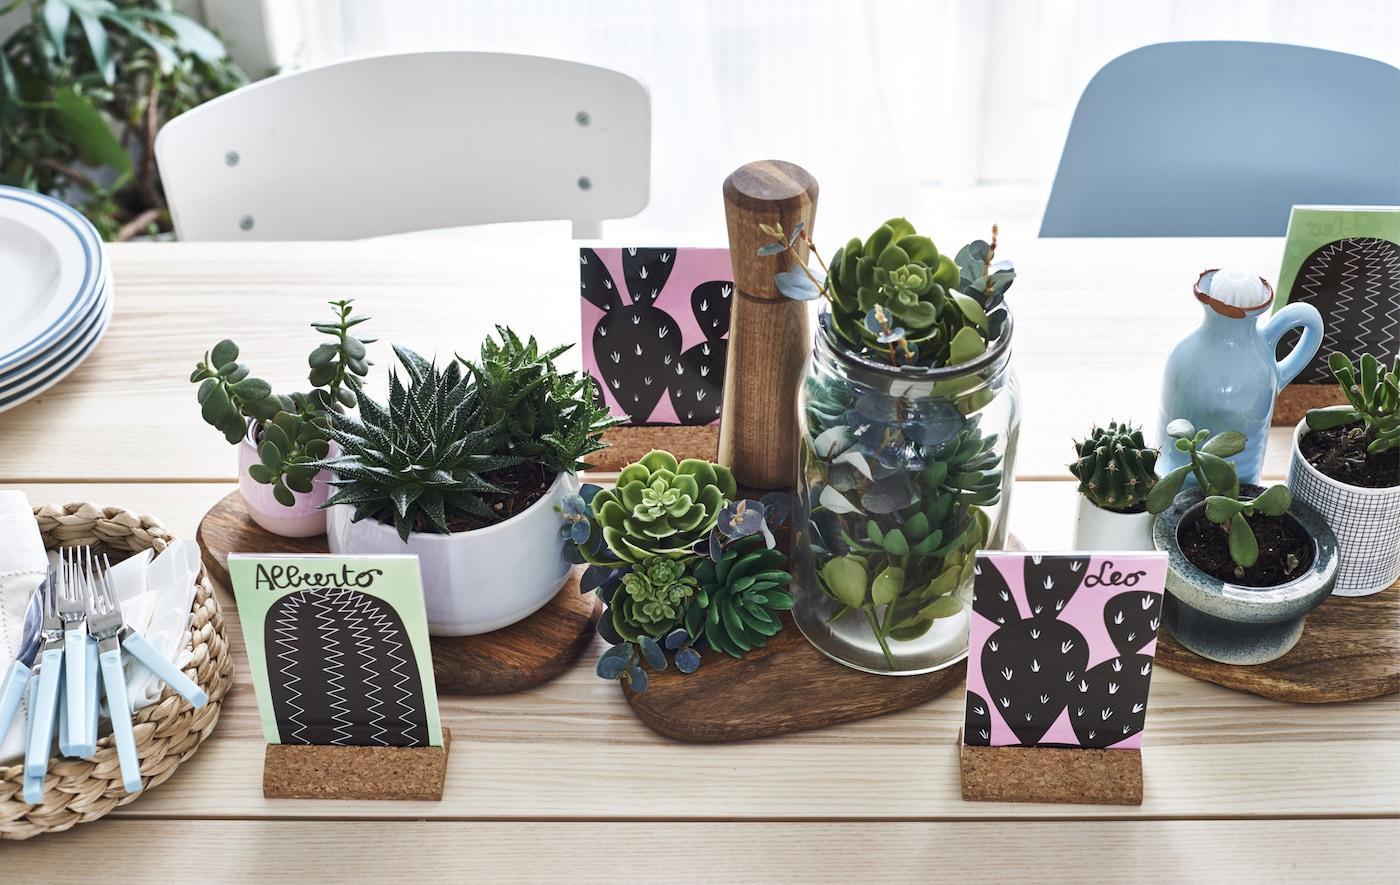 Sukkulenten tischdeko ideen ikea ikea for Ikea tischdeko